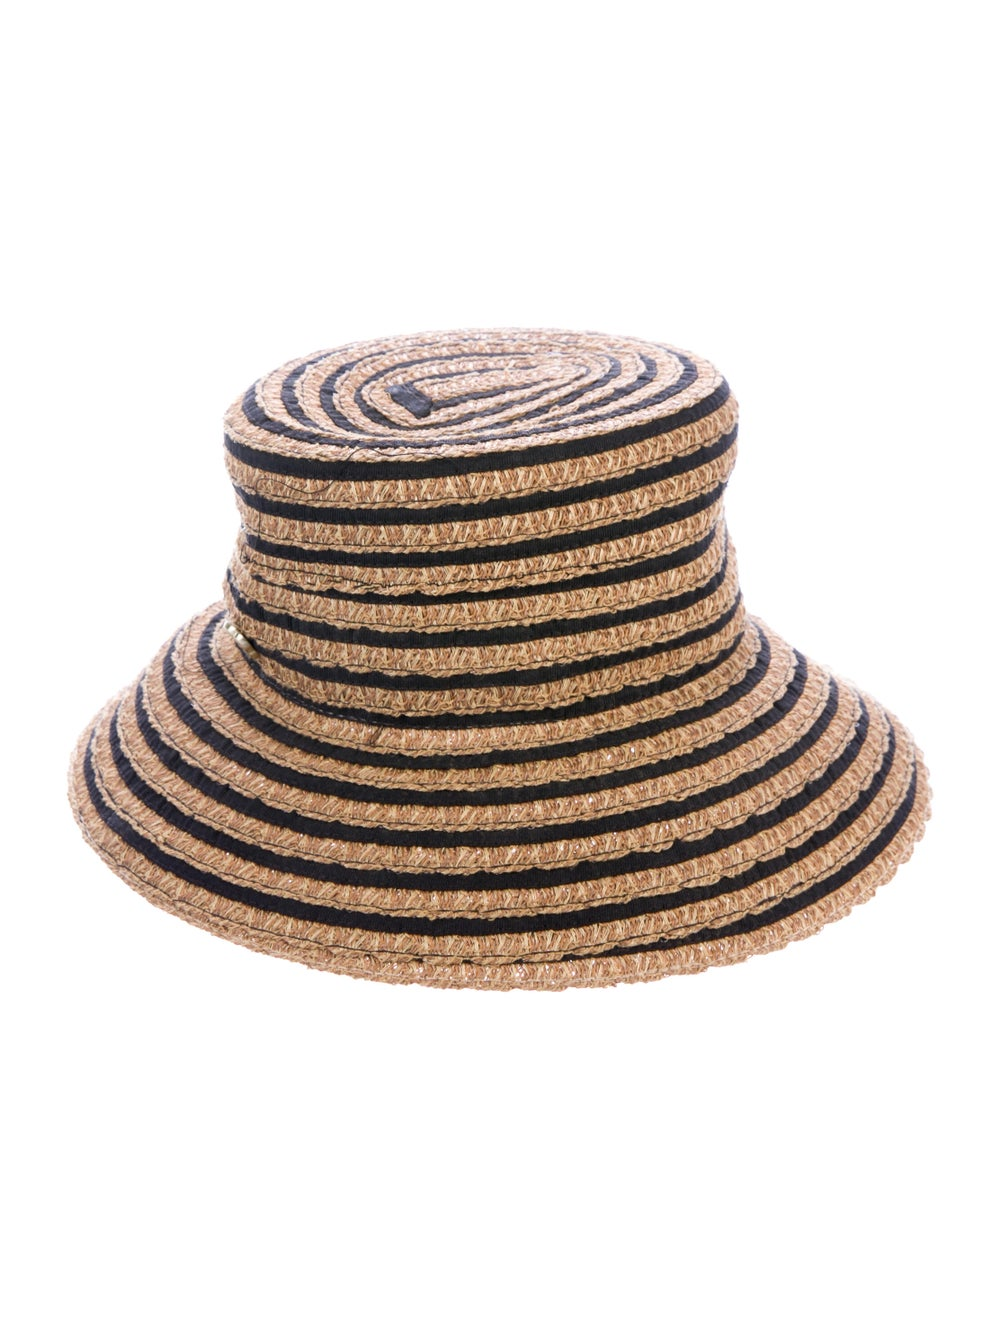 Eric Javits Straw Wide Brim Hat w/ Tags Tan - image 2